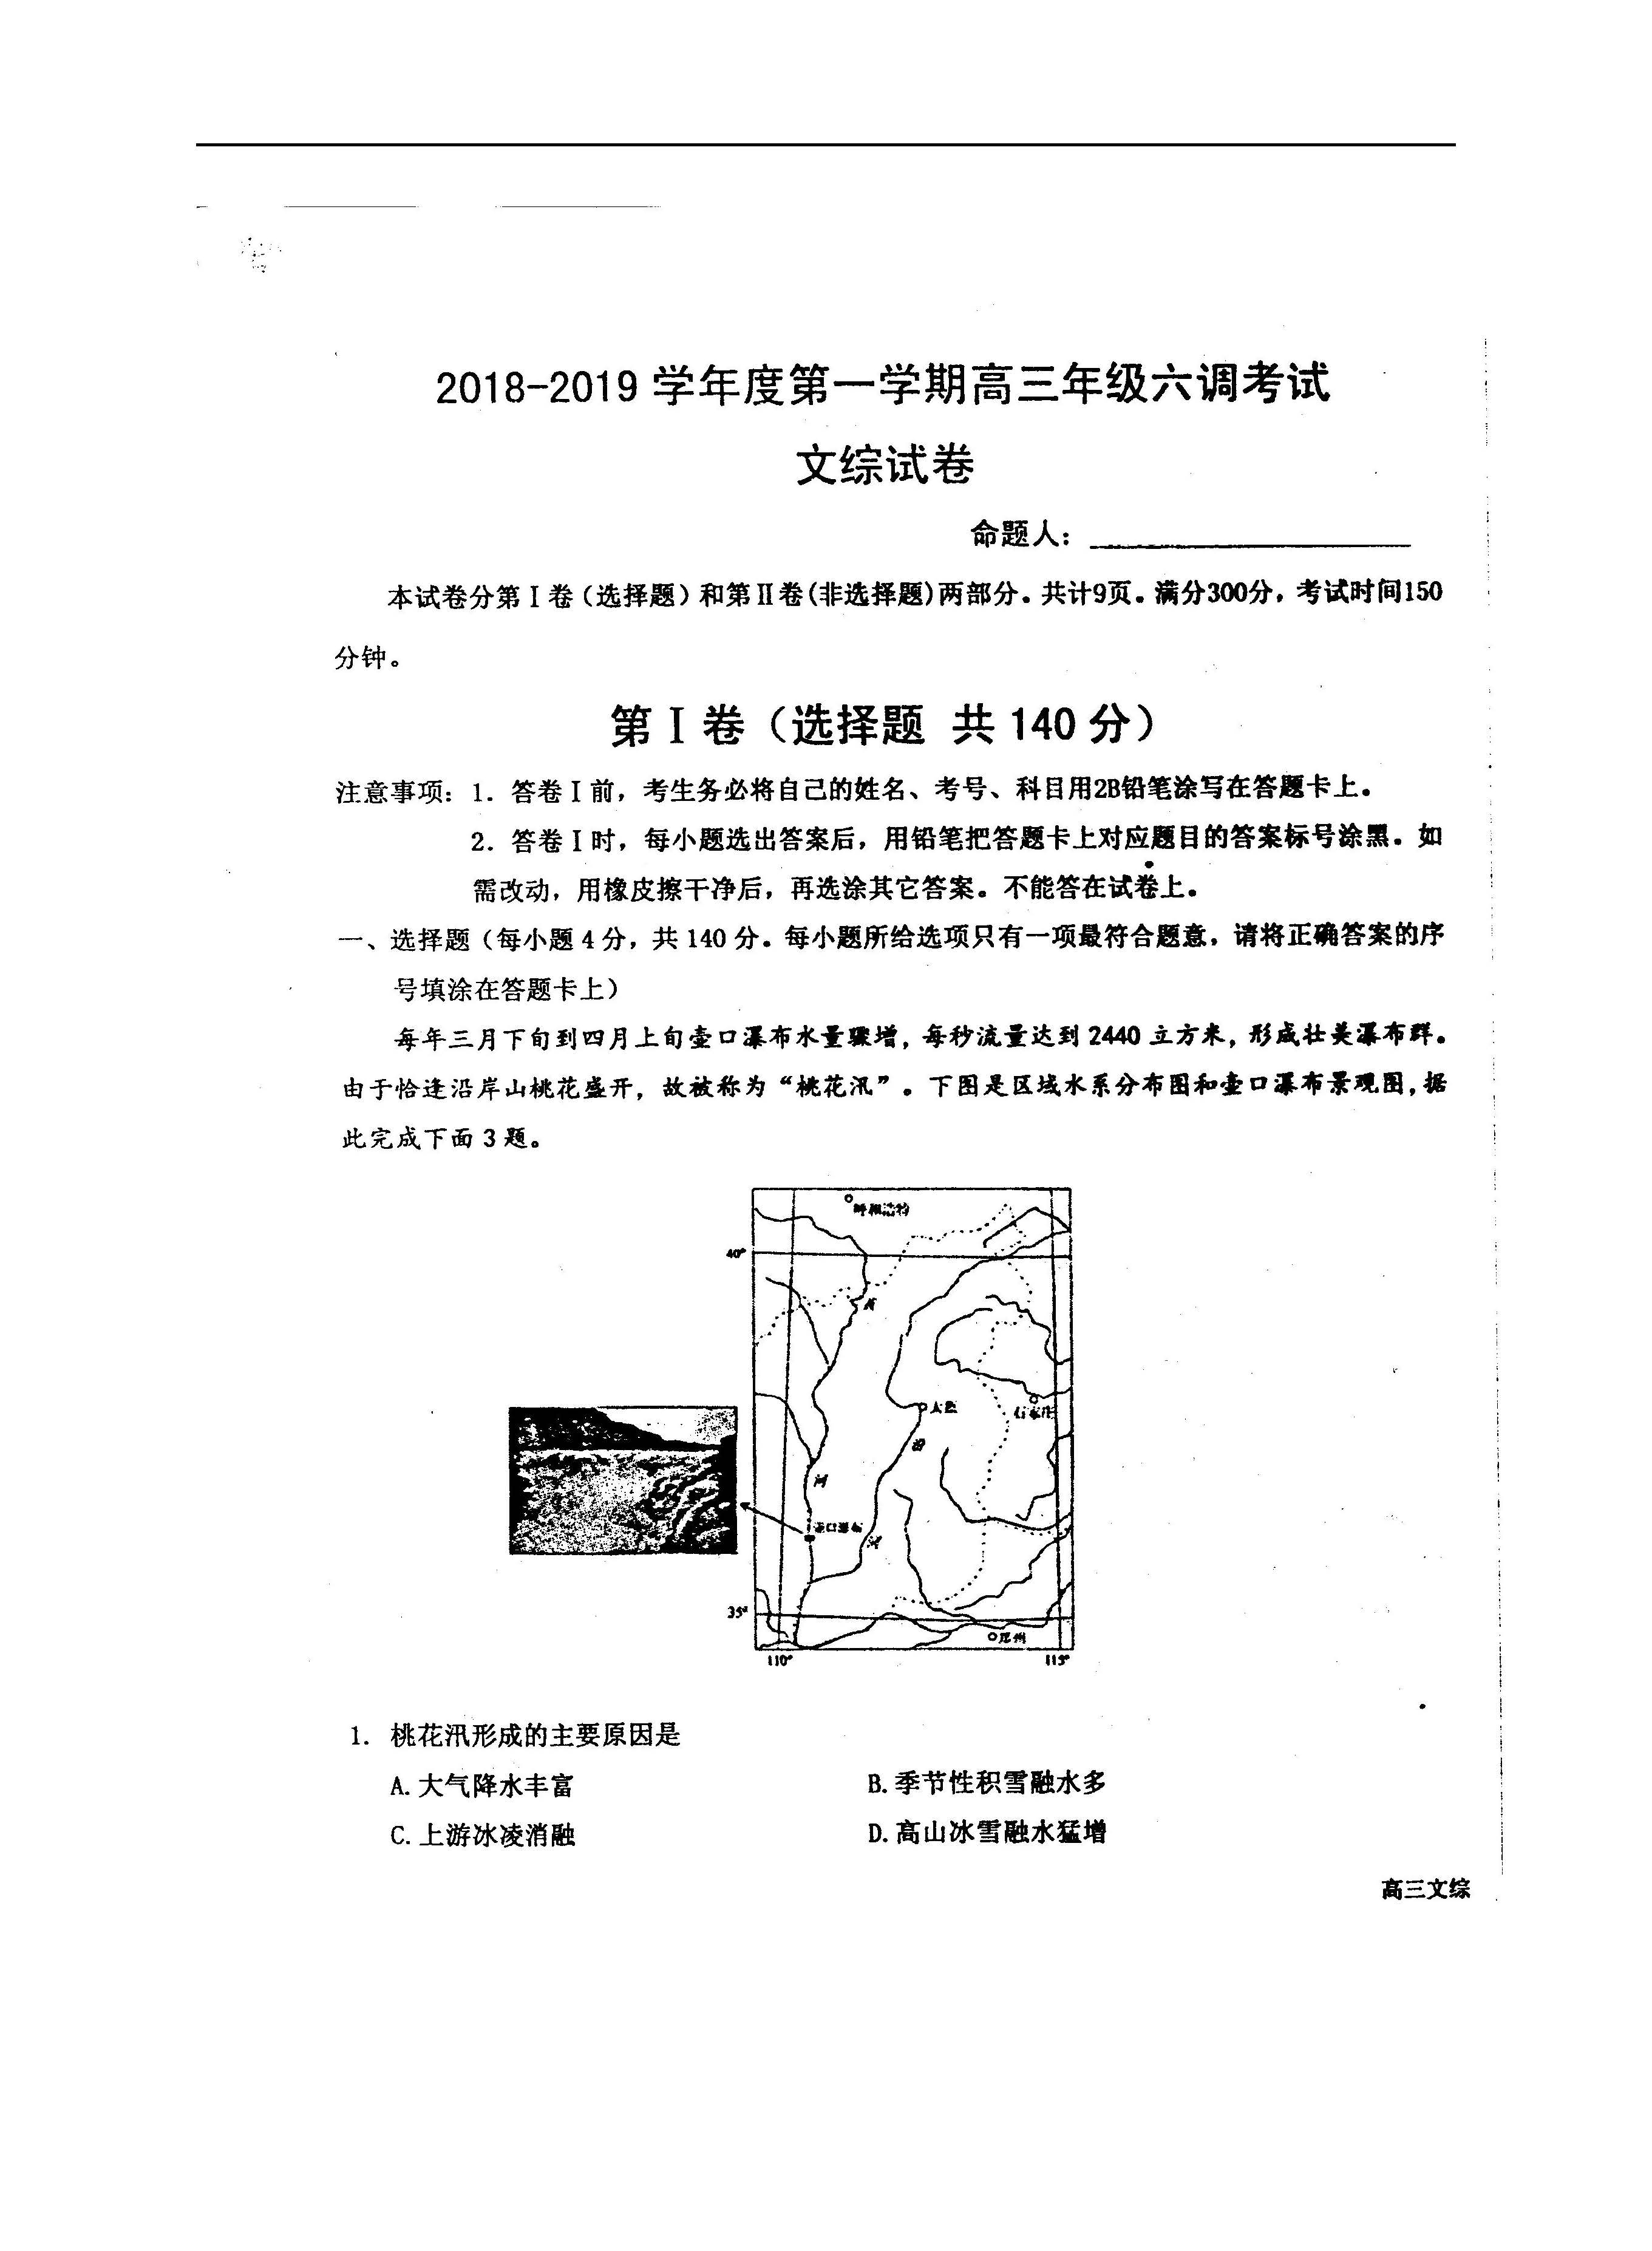 2019届河北衡水中学高三上学期六调语文\数学\英语\文综\理综试题及答案